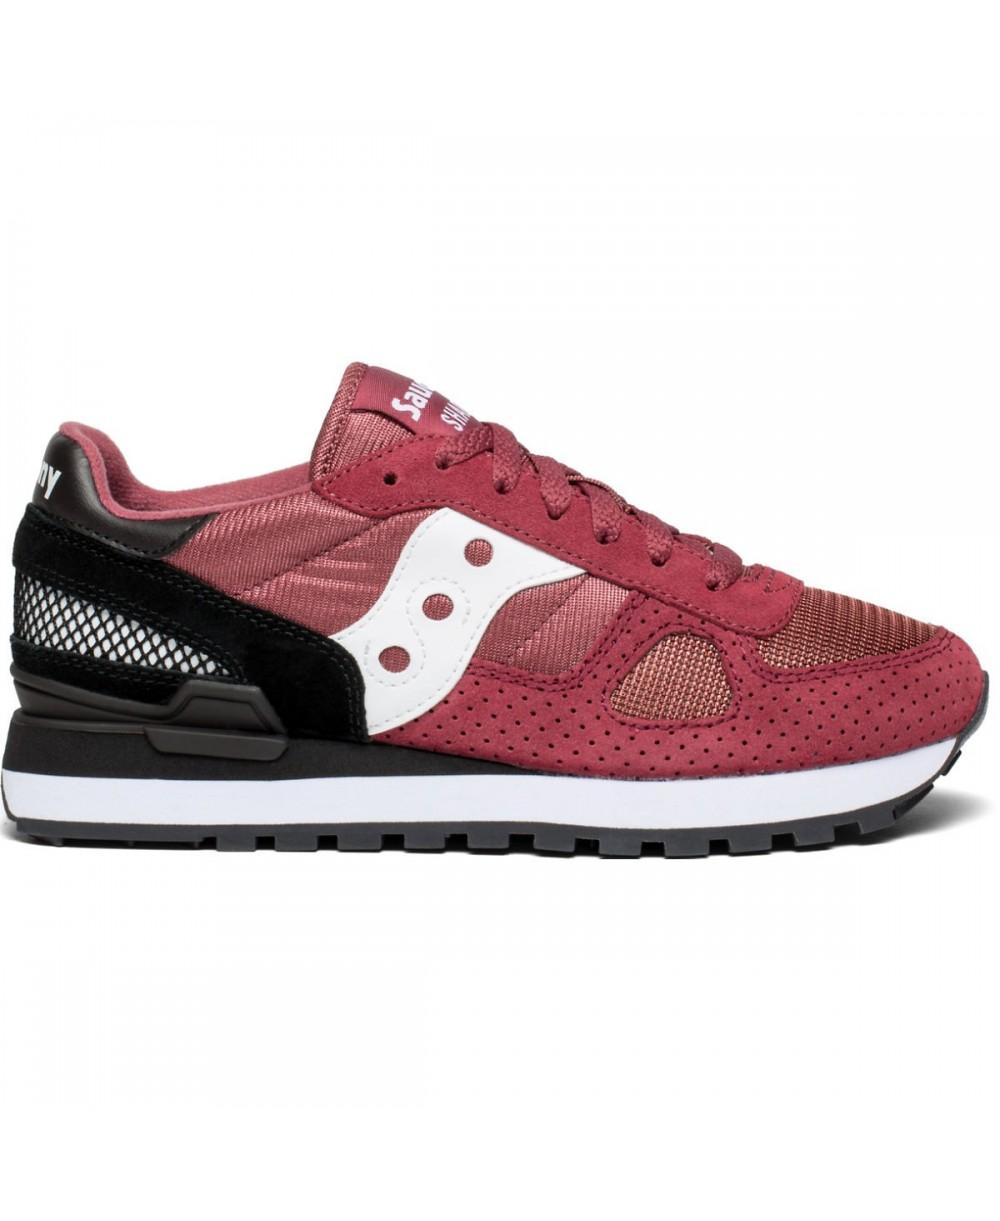 delikatne kolory dostępność w Wielkiej Brytanii najlepszy wybór Women's Shadow Original Sneakers Shoes Maroon/Black